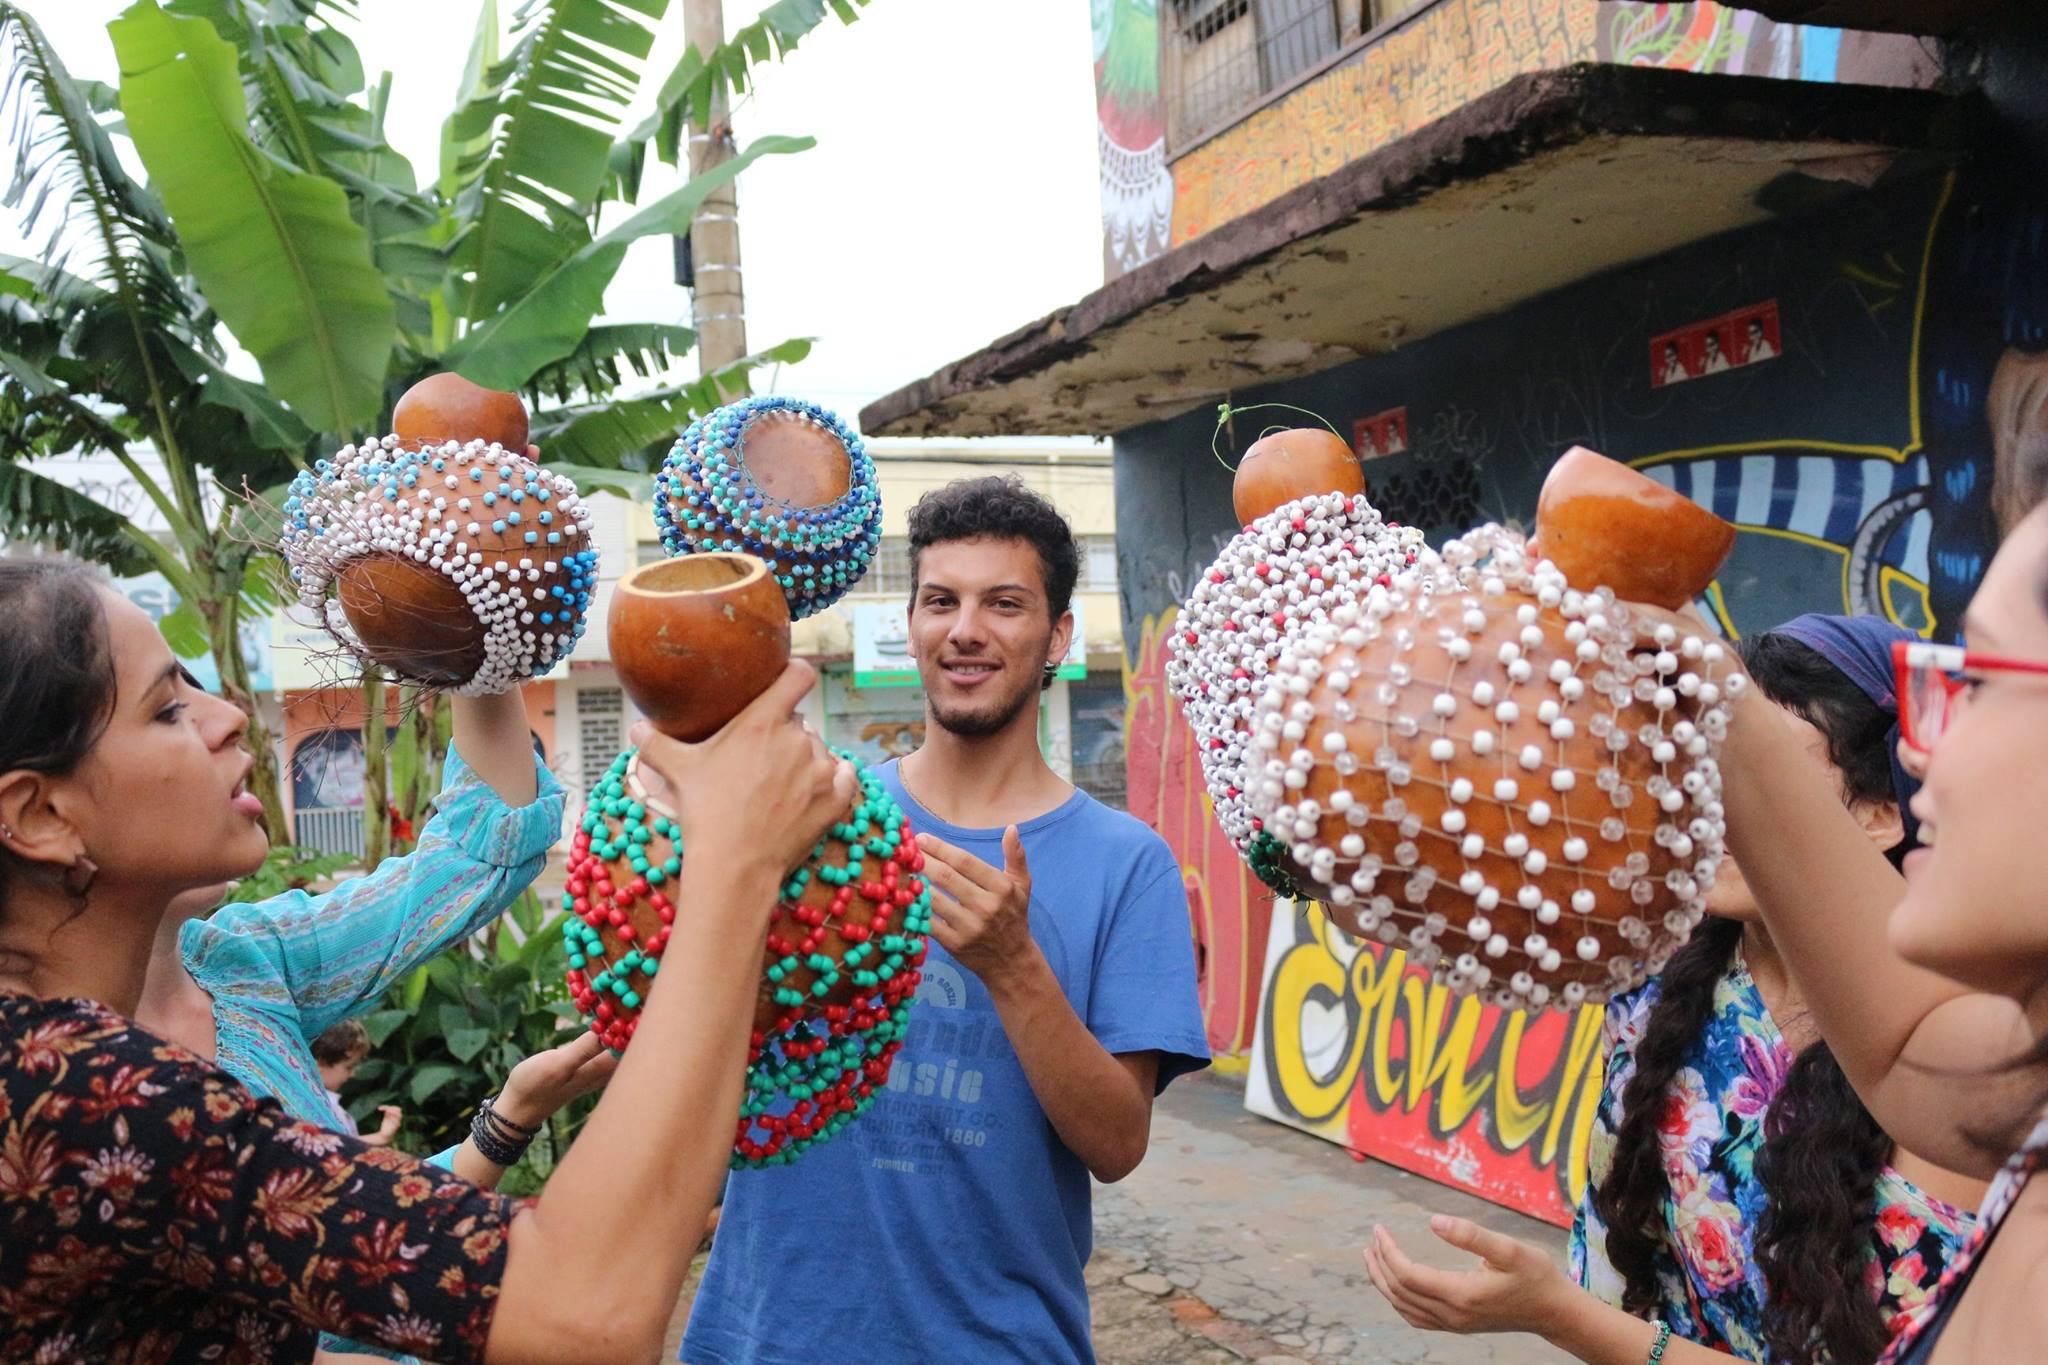 Atividades formativas e culturais do MErcado Sul Vive. Foto: Webert da Cruz